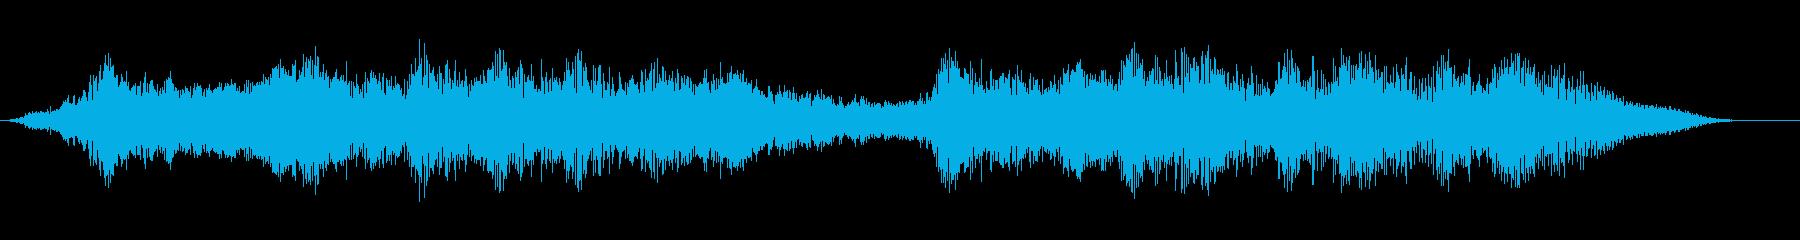 未知のレルムの再生済みの波形